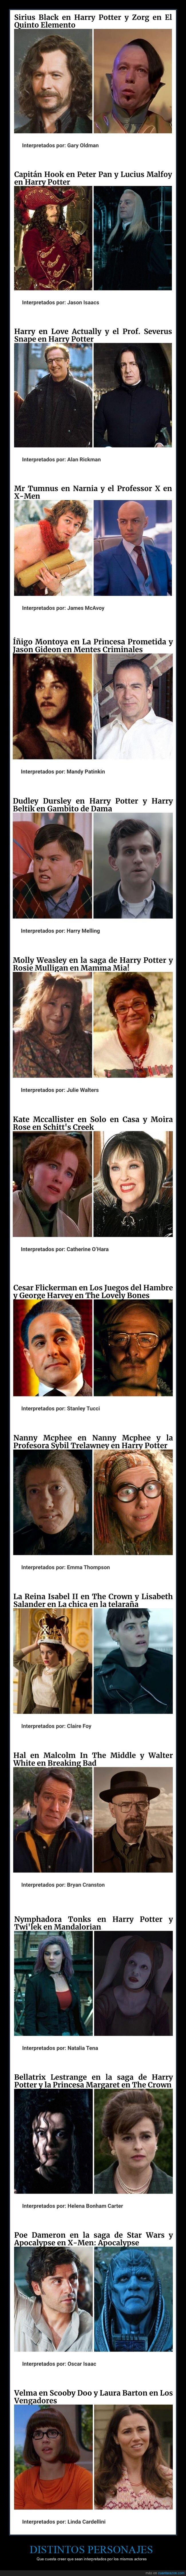 actores,distintos,personajes